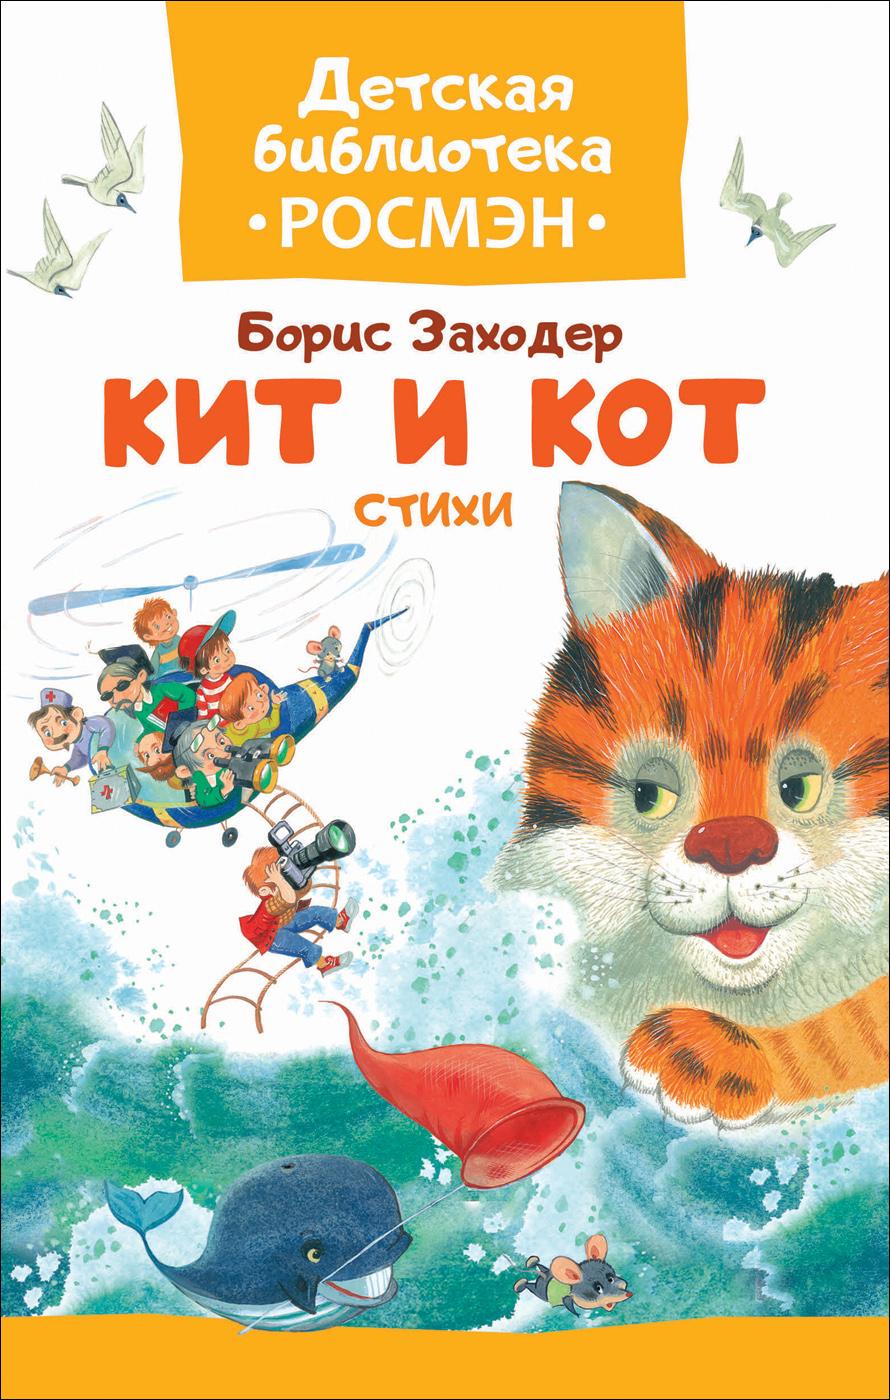 Заходер Б. Кит и кот. Стихи (ДБ РОСМЭН)